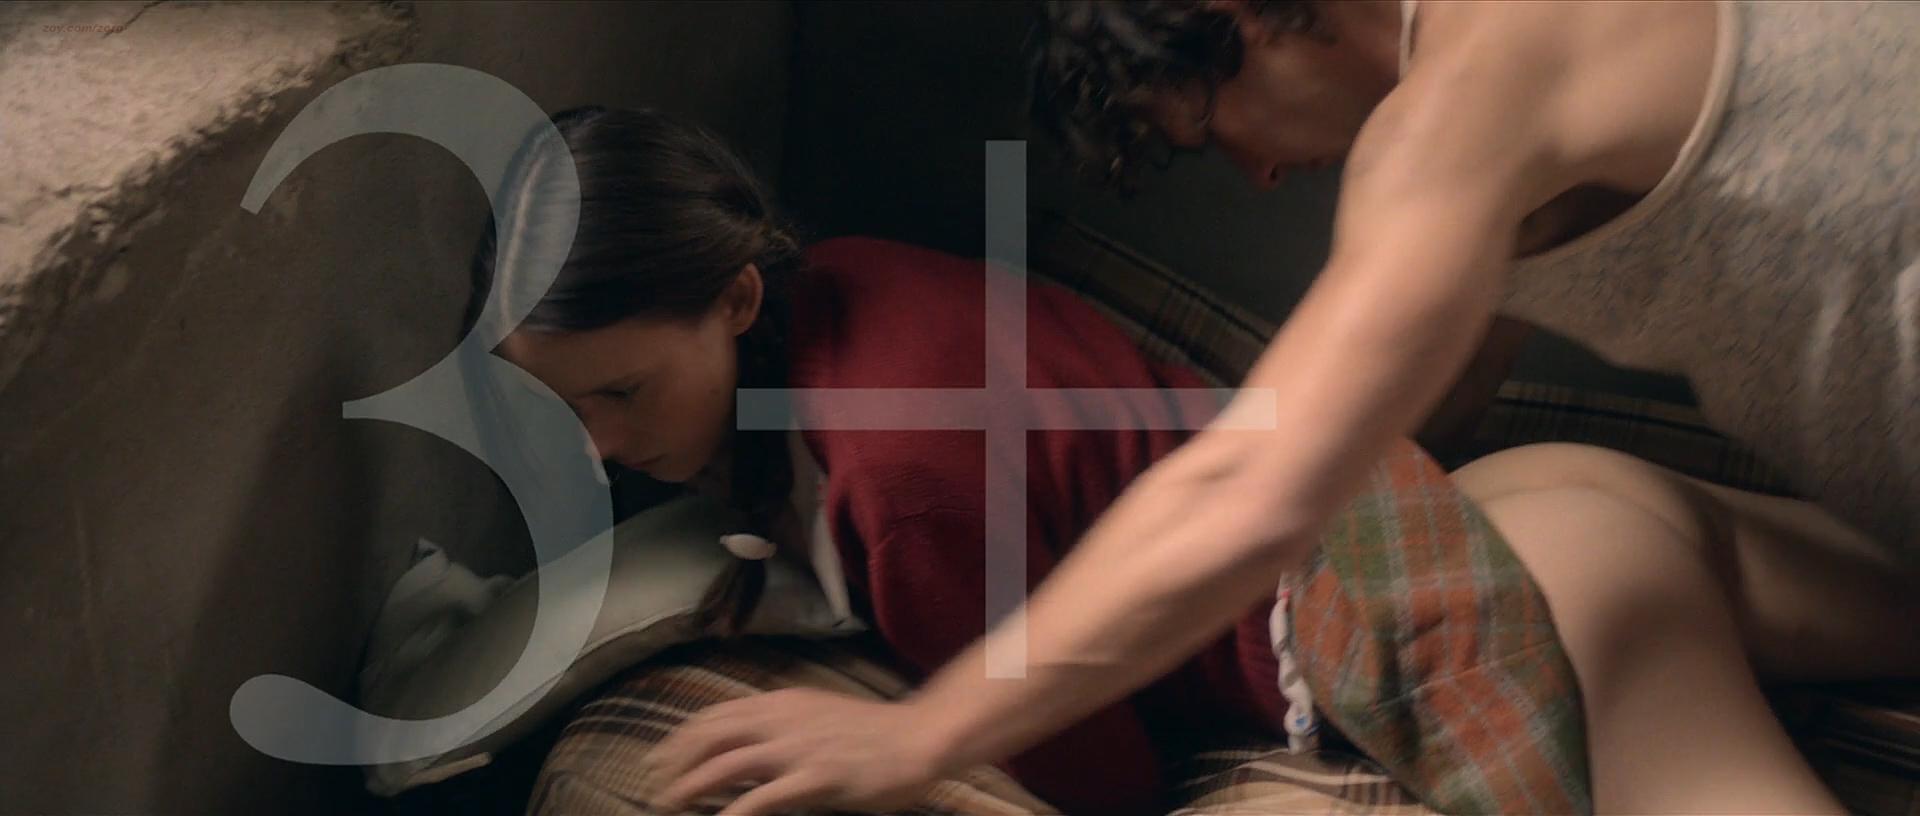 Stacy Martin nude explicit sex oral and vaginal – Nymphomaniac Vol I (2013)  Directors Cut hd1080p